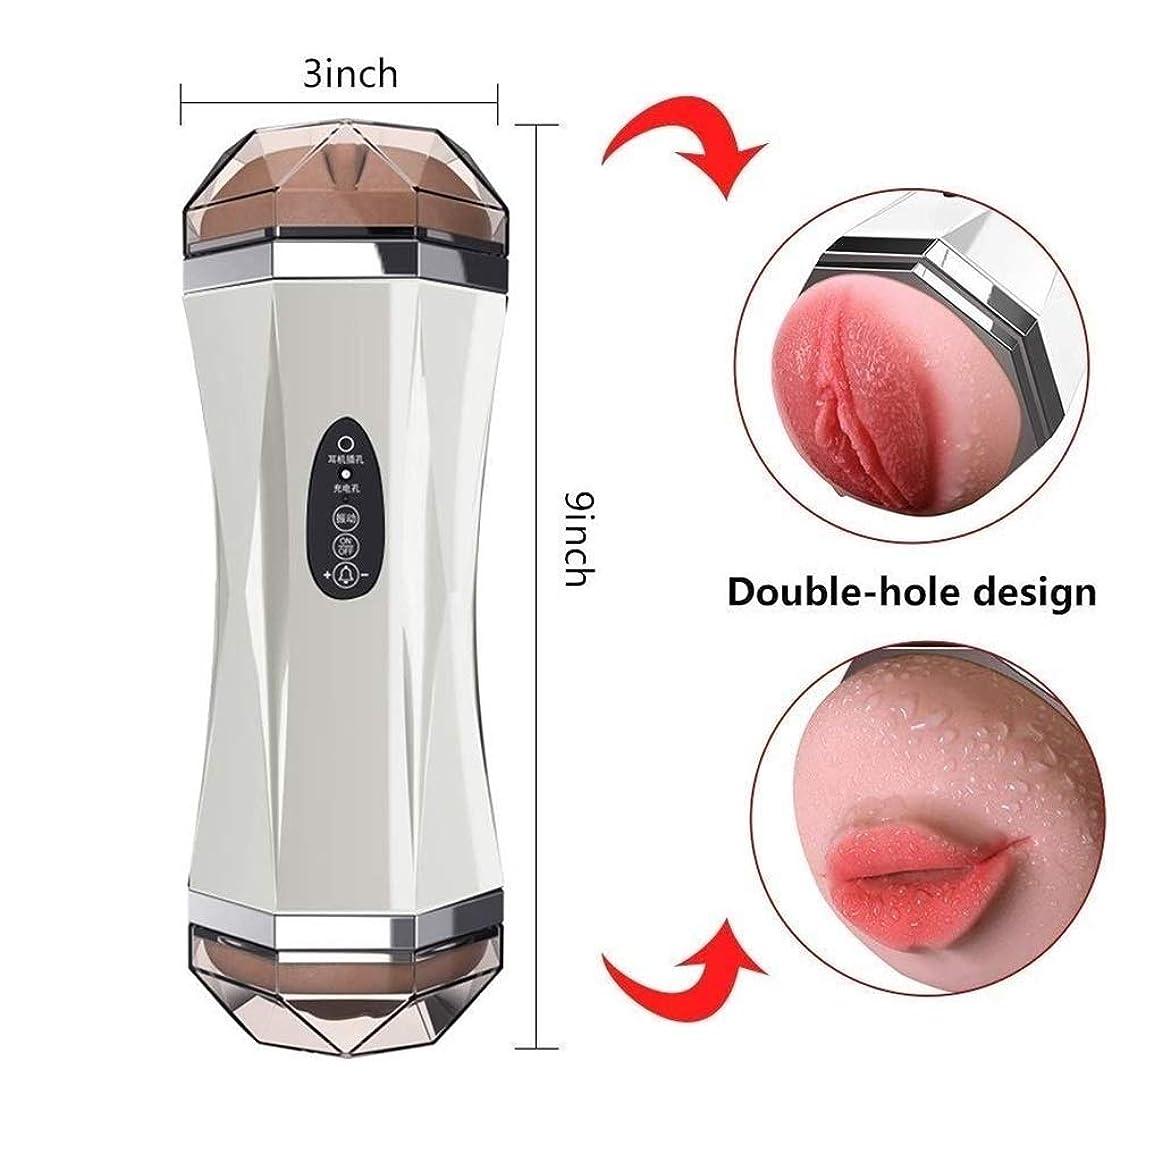 電気陽性甘やかす基本的なMXYYパーソナルスティミュレーティングオスシリコン防水9インチTシャツ唇振動マッサージオーラルカップヘッドフォンモード